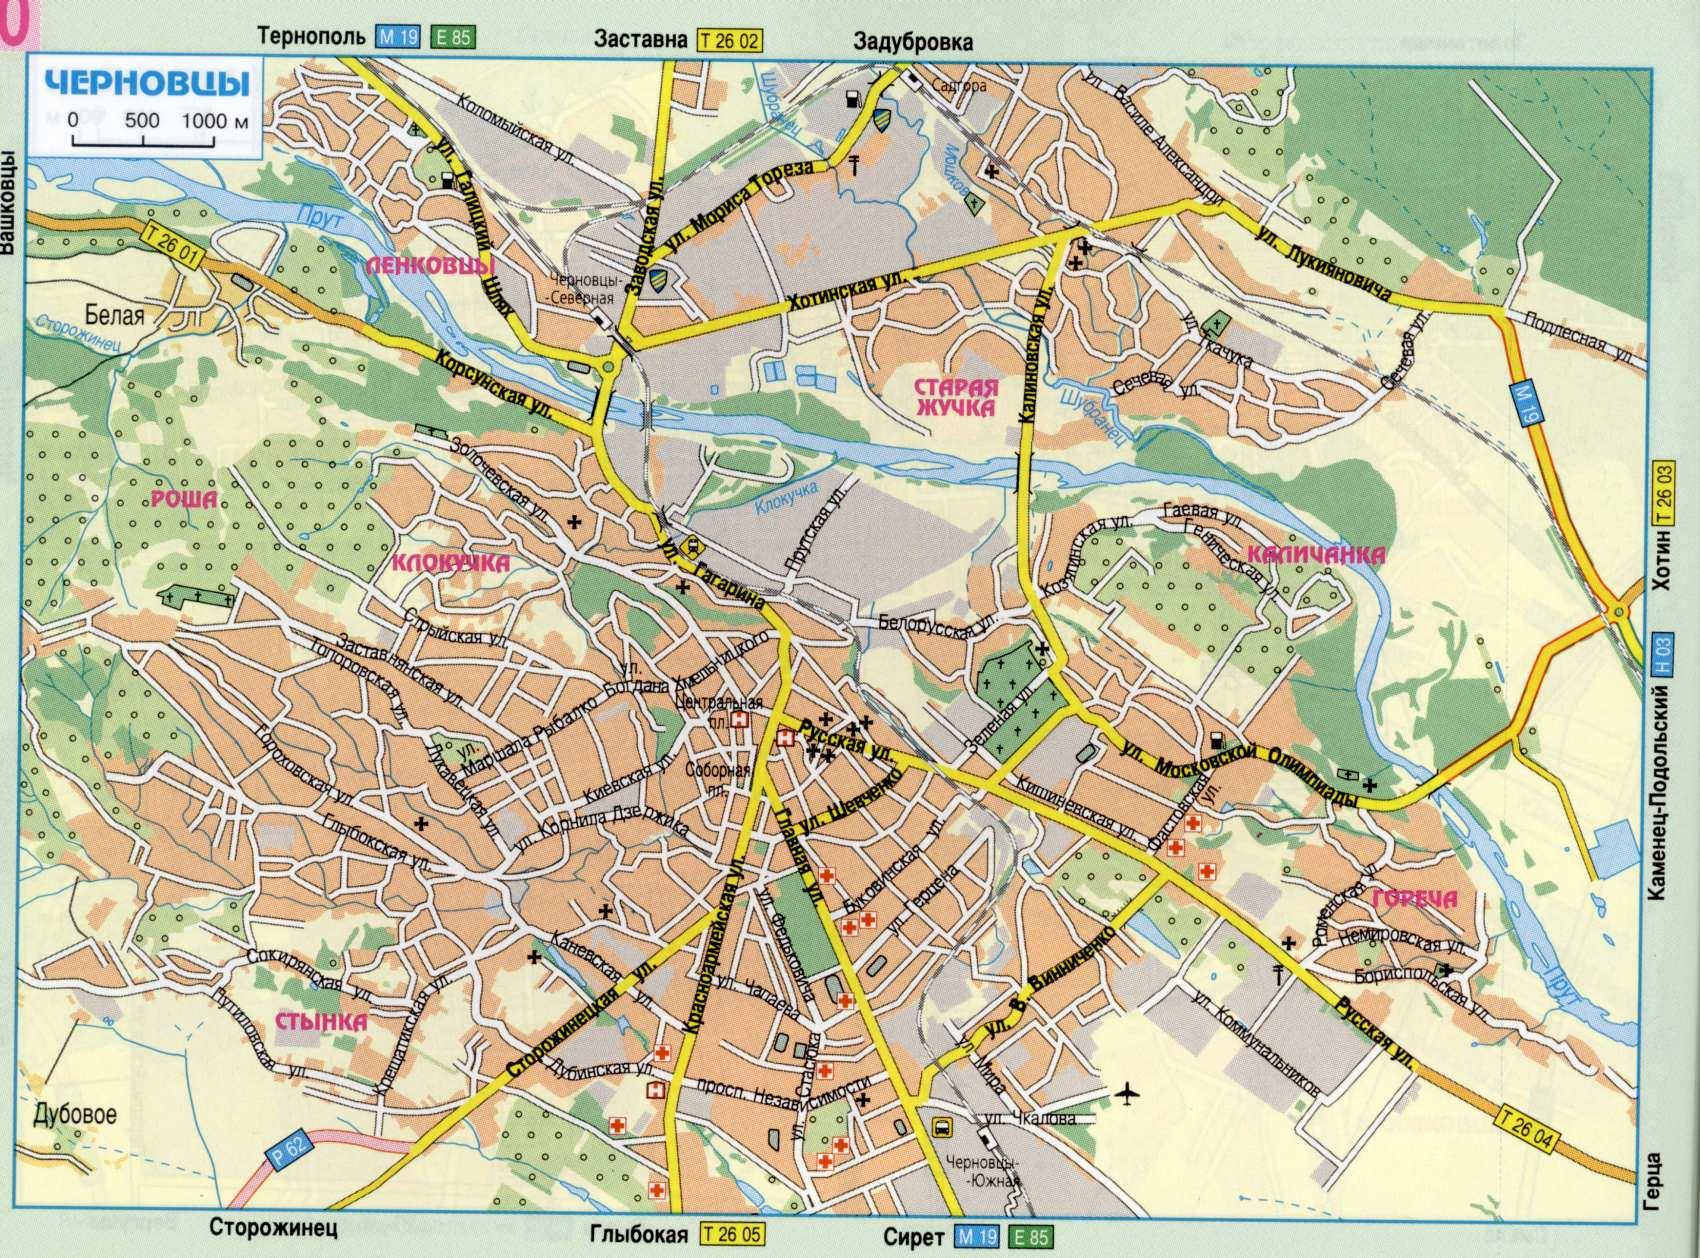 Карта города Черновцы